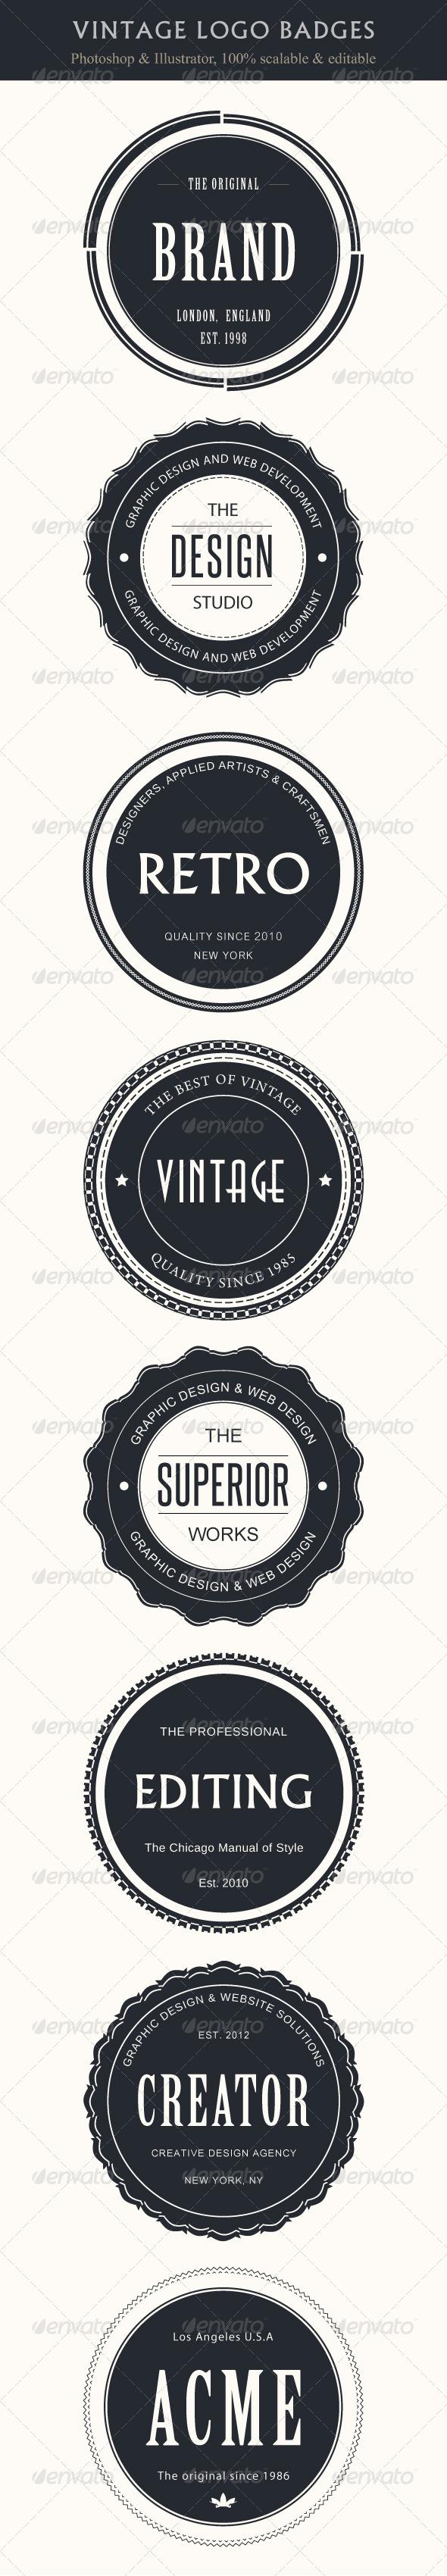 Vintage Logo Badges  - Badges & Stickers Web Elements